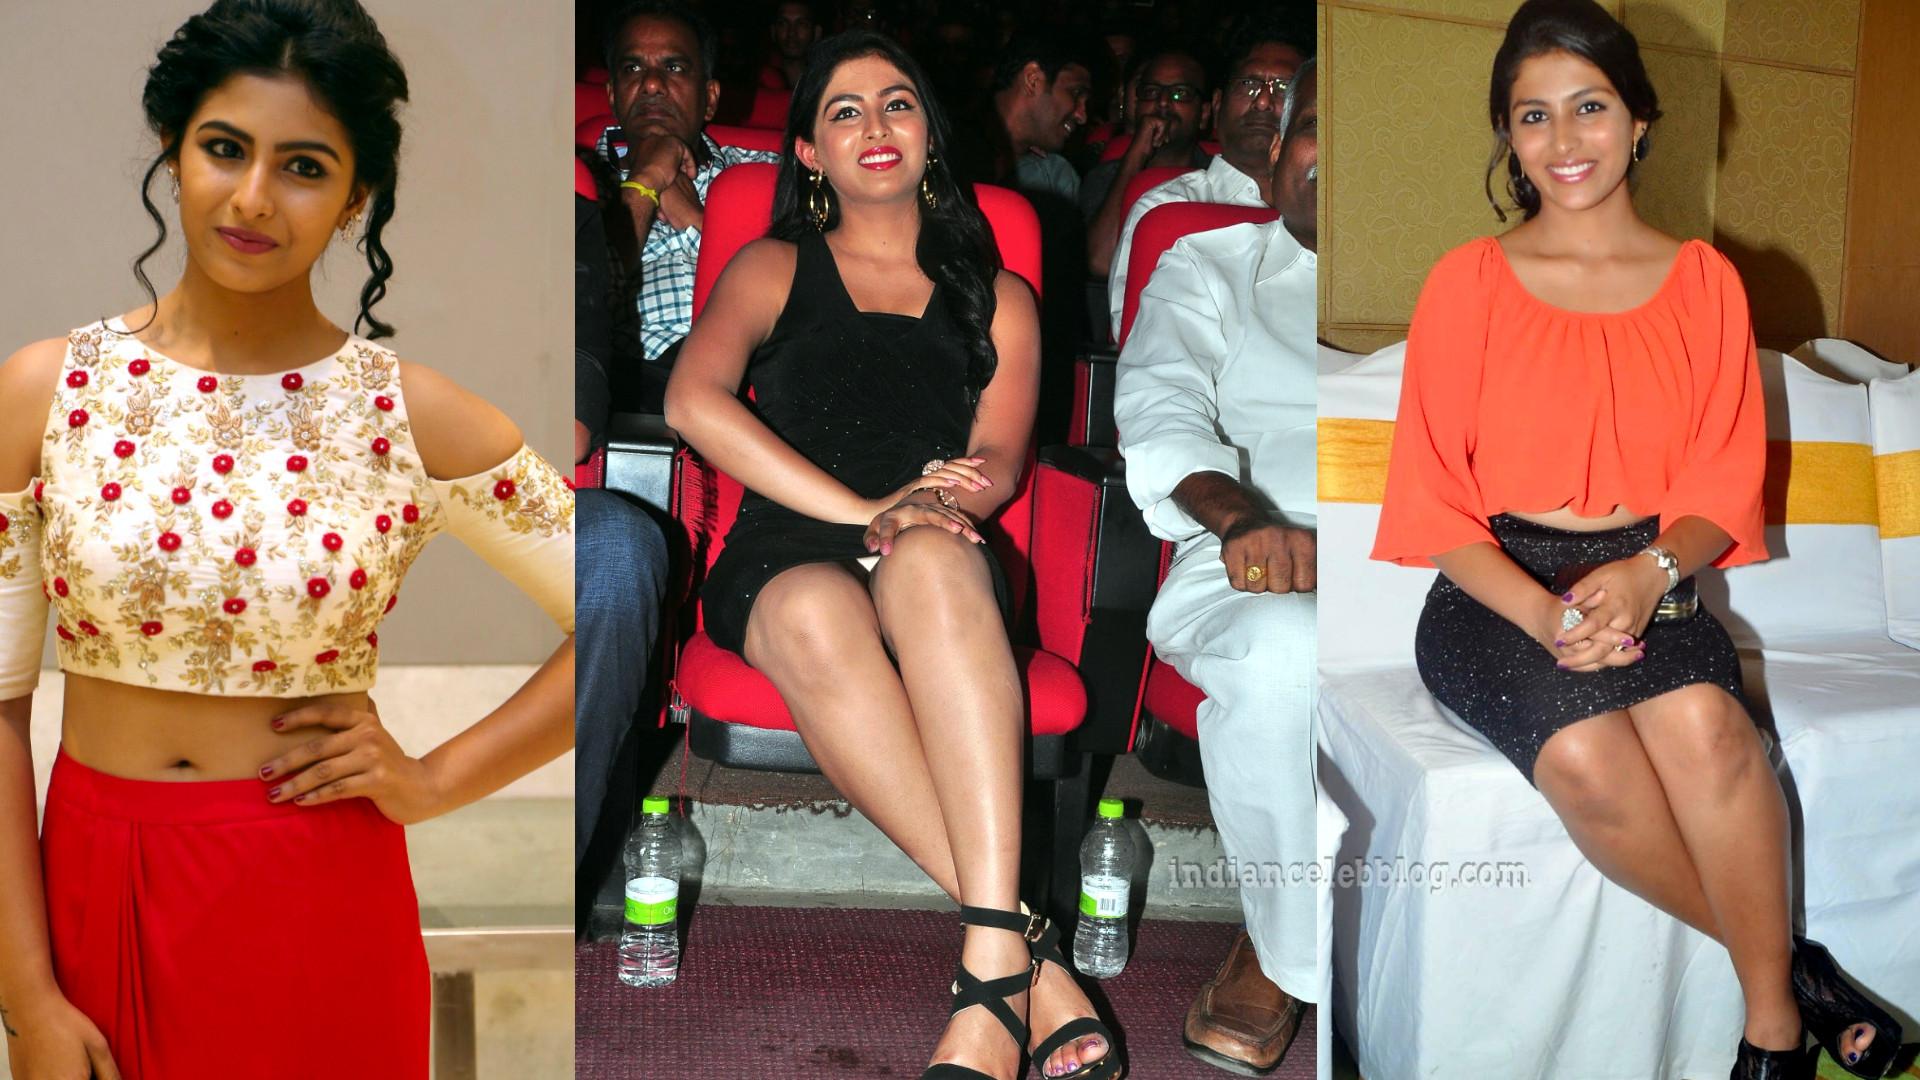 Kruthika jayakumar sandalwood celeb event pics in short skirt